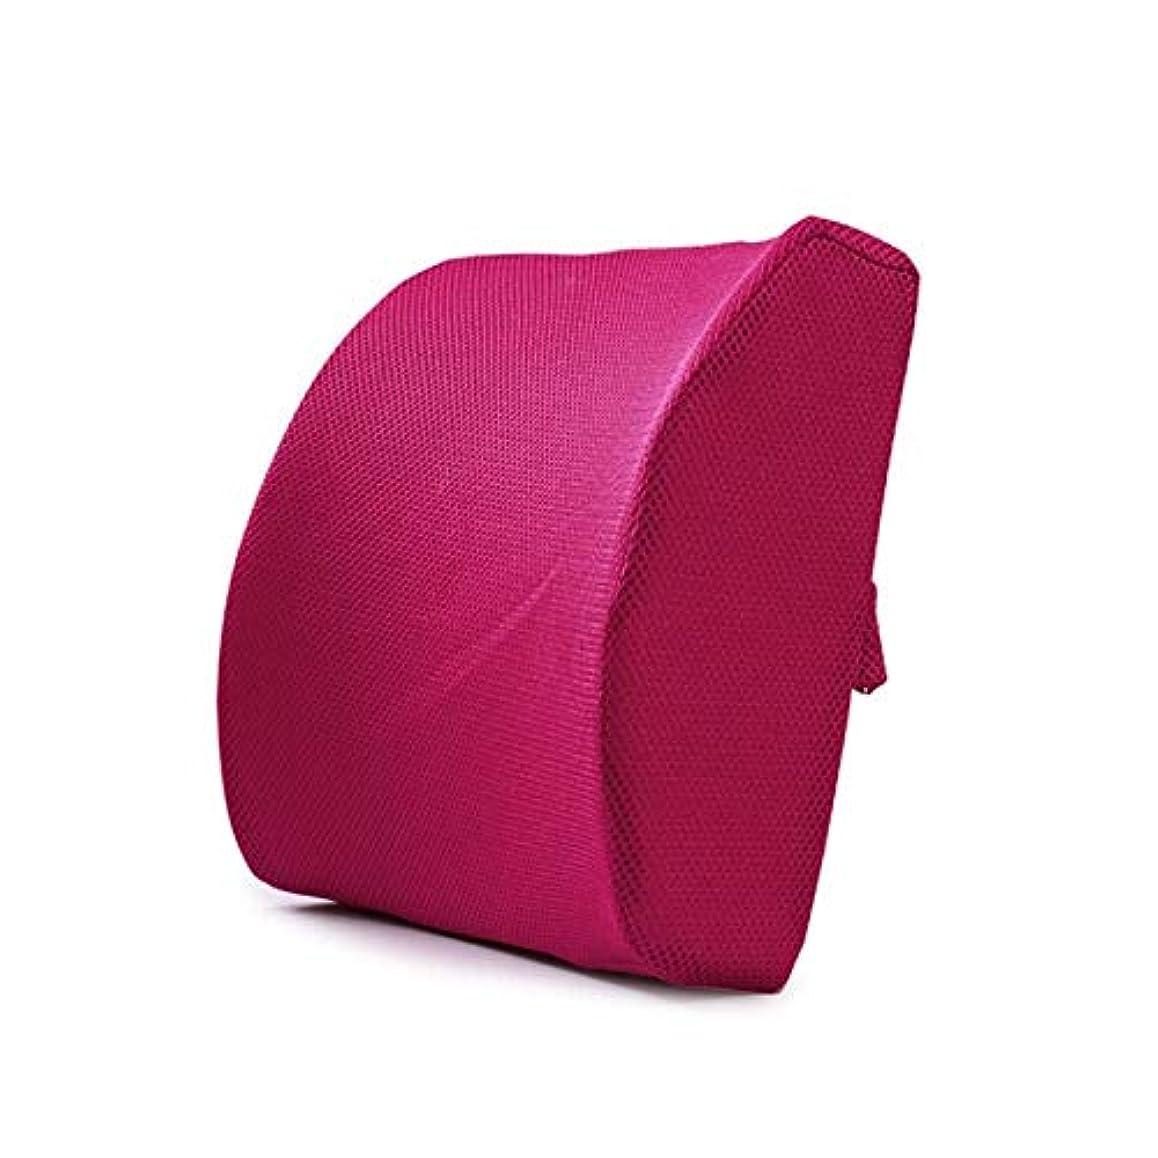 気難しい複雑でない精査LIFE ホームオフィス背もたれ椅子腰椎クッションカーシートネック枕 3D 低反発サポートバックマッサージウエストレスリビング枕 クッション 椅子